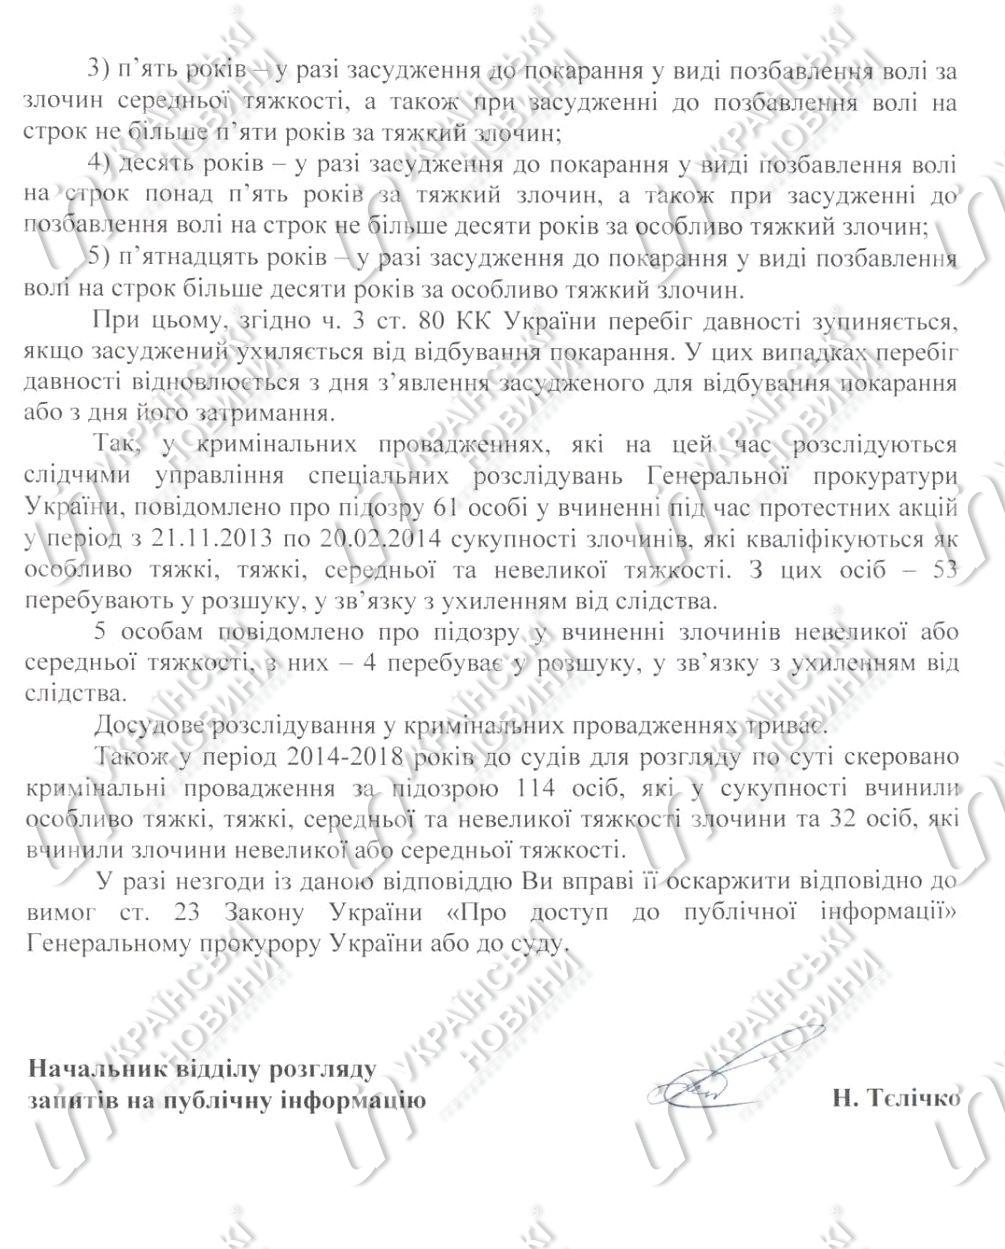 Обвиняемые в преступлениях против Майдана подлежат освобождению от уголовной ответственности, документ